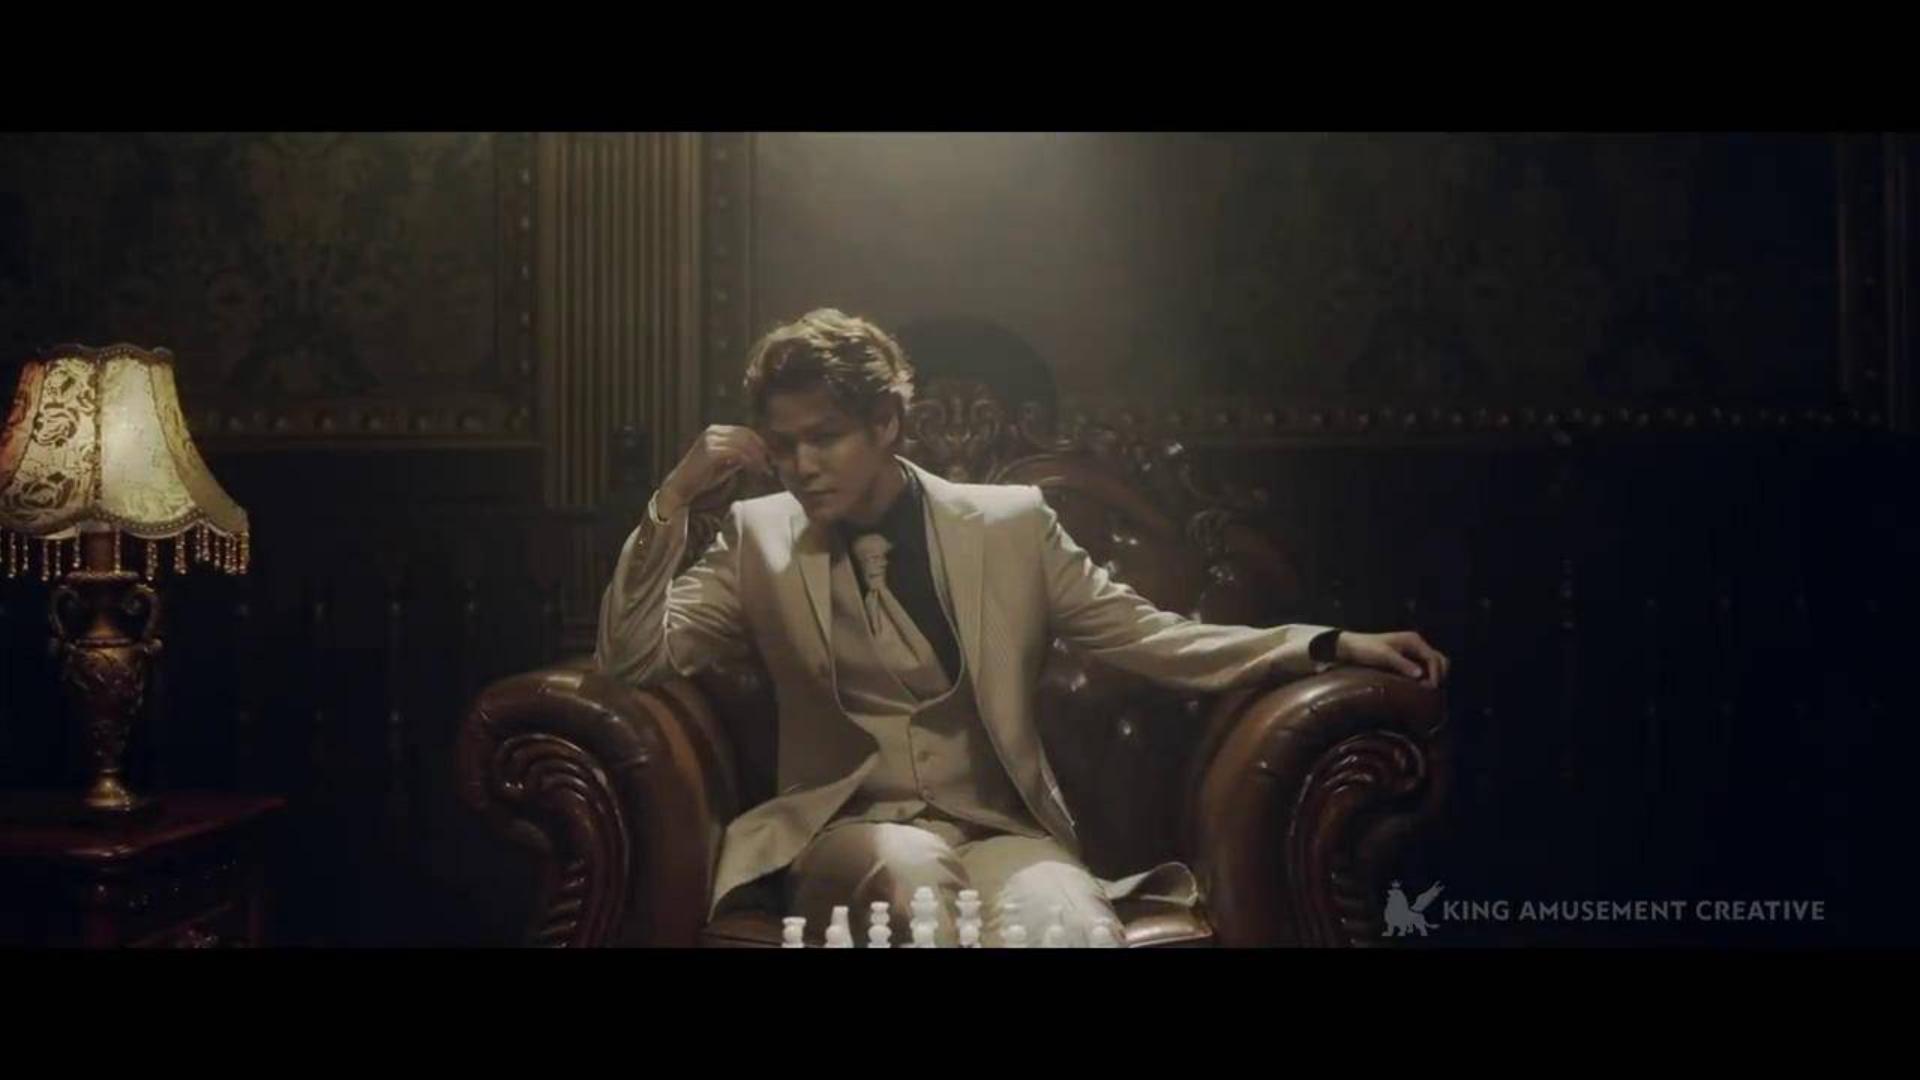 由宫野真守演唱的TV动画《虚构推理》片尾曲《LAST DANCE》MUSIC VIDEO 公开